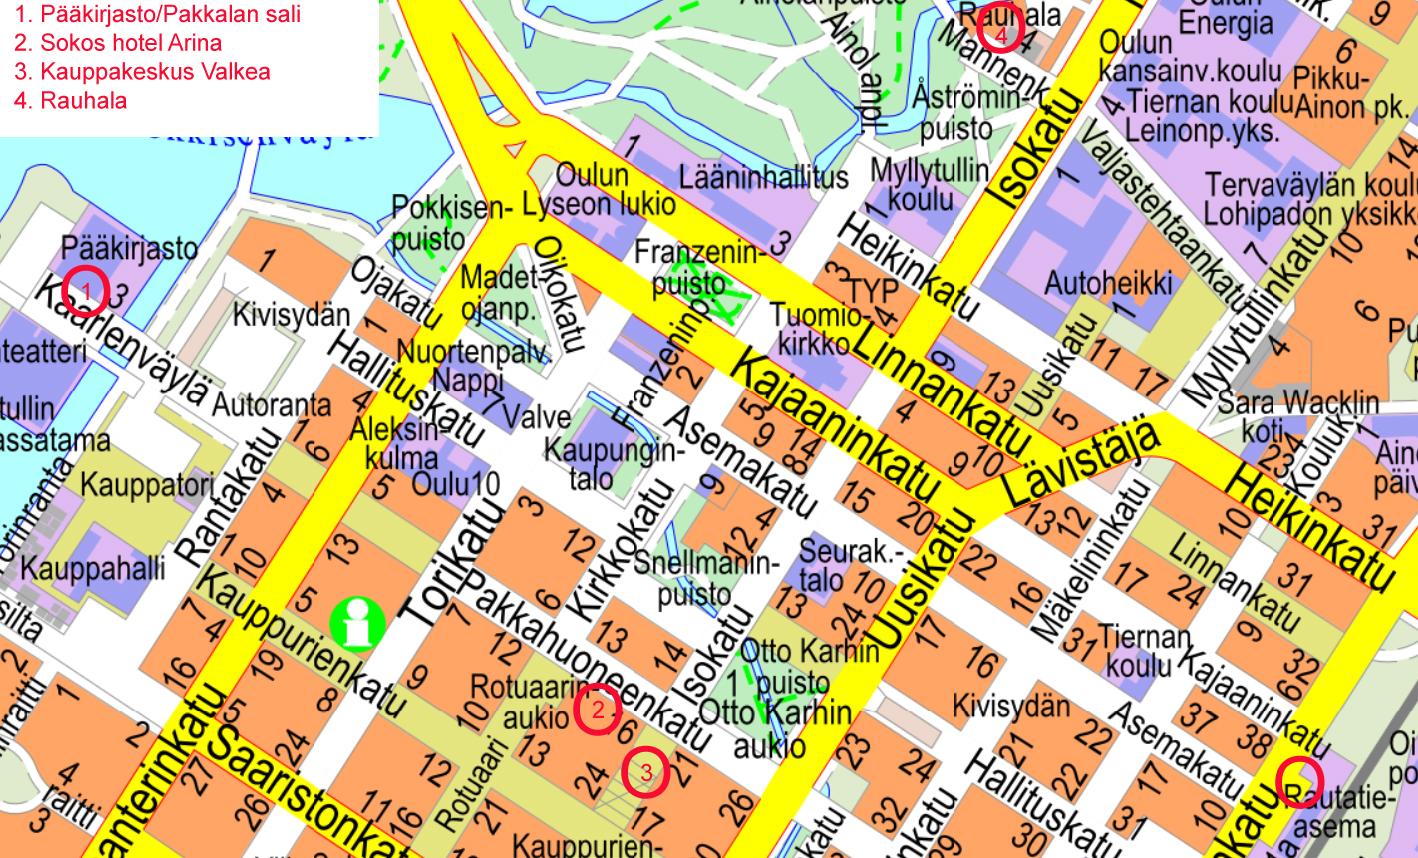 Suhon Kesapaivat Oulussa 2019 Yhteystiedot